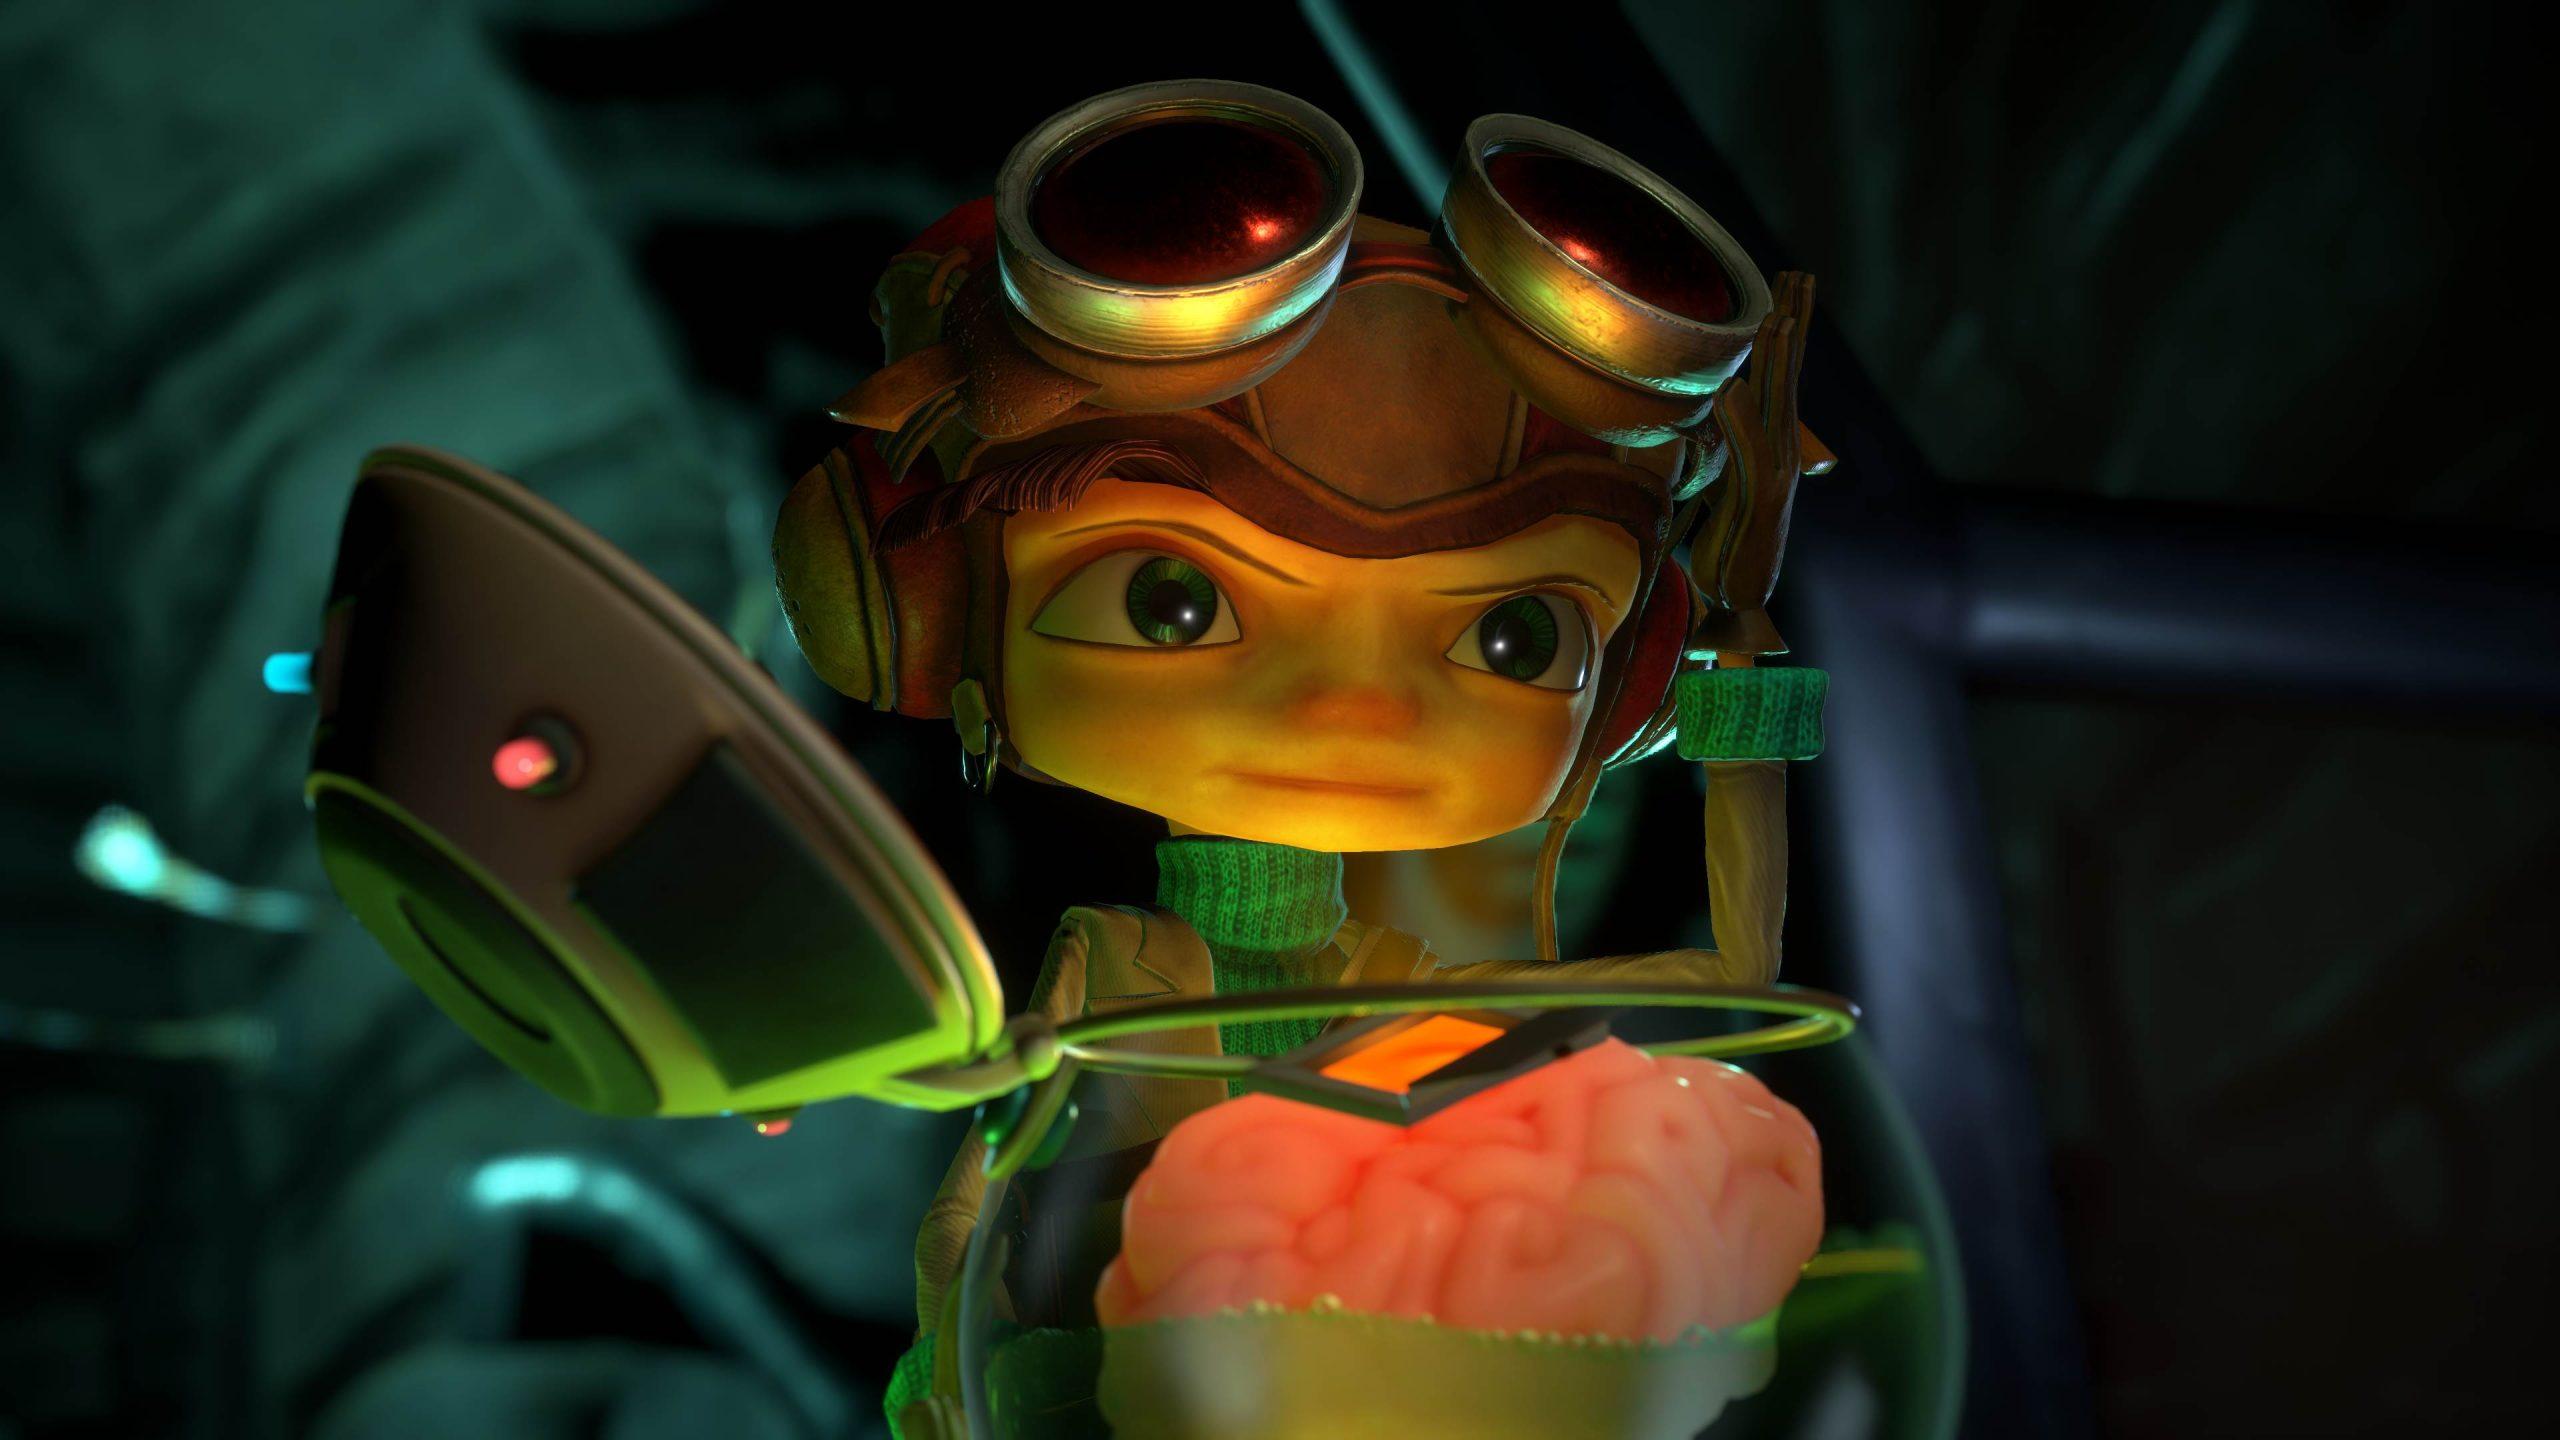 Psychonauts-2-Xbox-Store-Seite-und-Preload-aufgetaucht-Steht-die-Ver-ffentlichung-bevor-